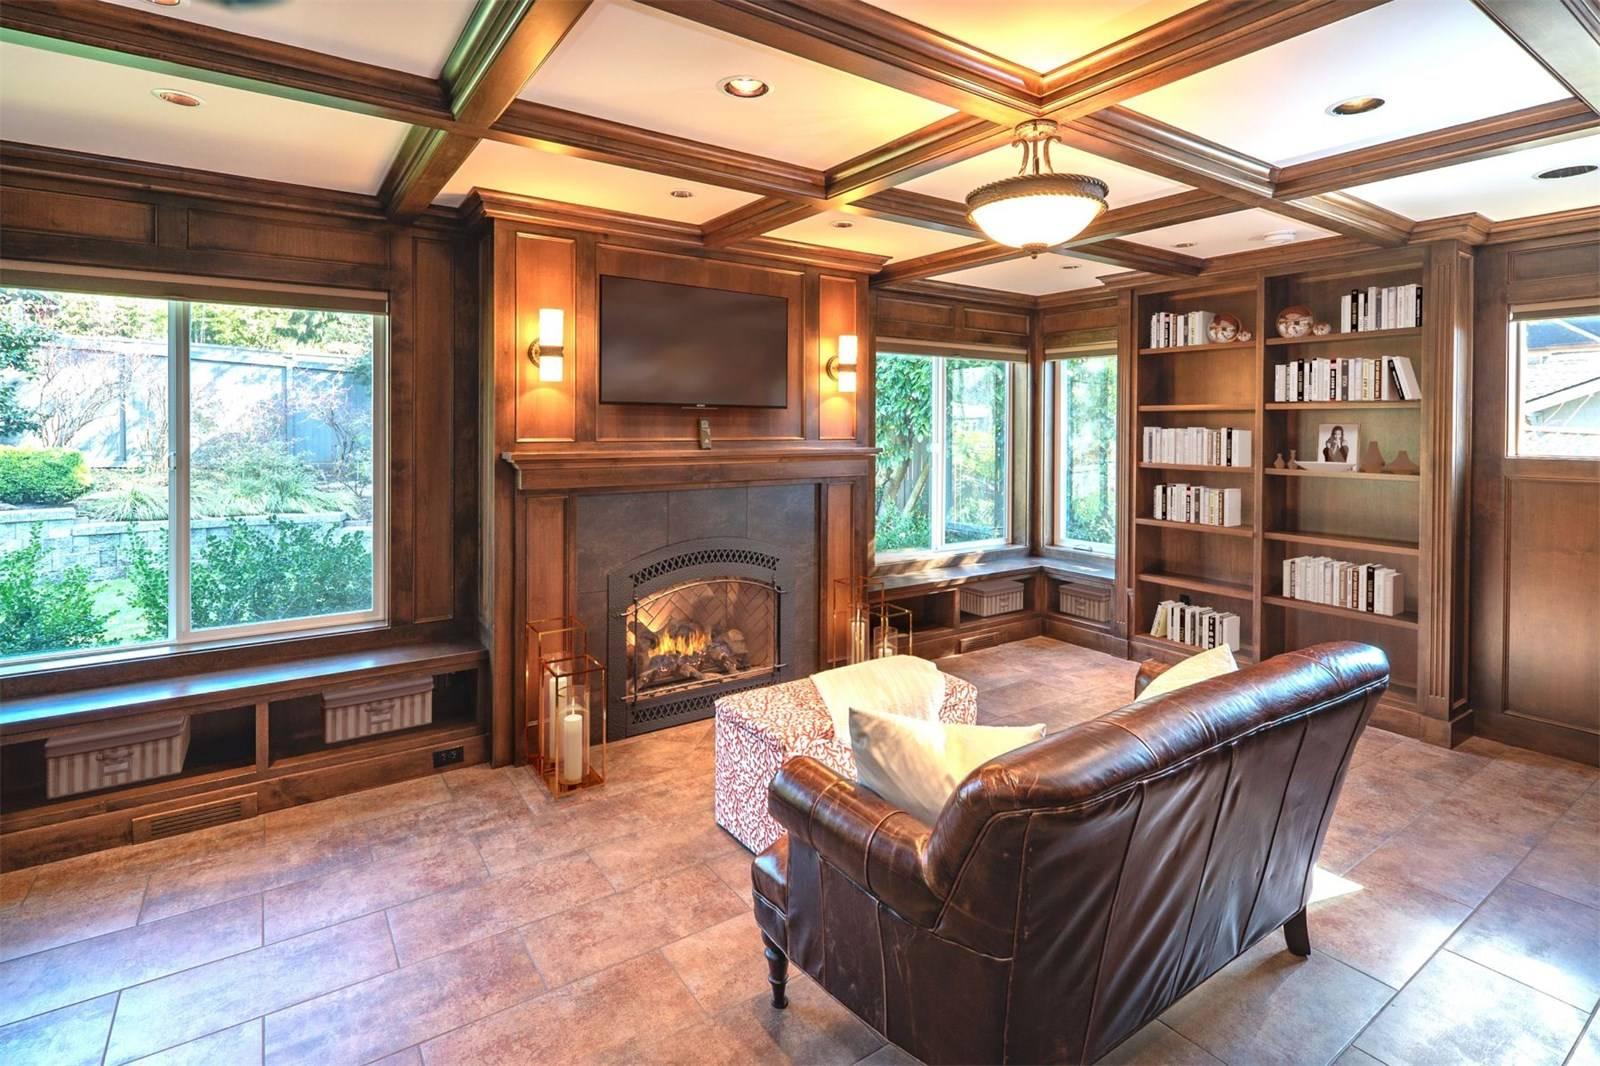 1624 108th Avenue Northeast, Bellevue - Helen Pederslie (8).jpg